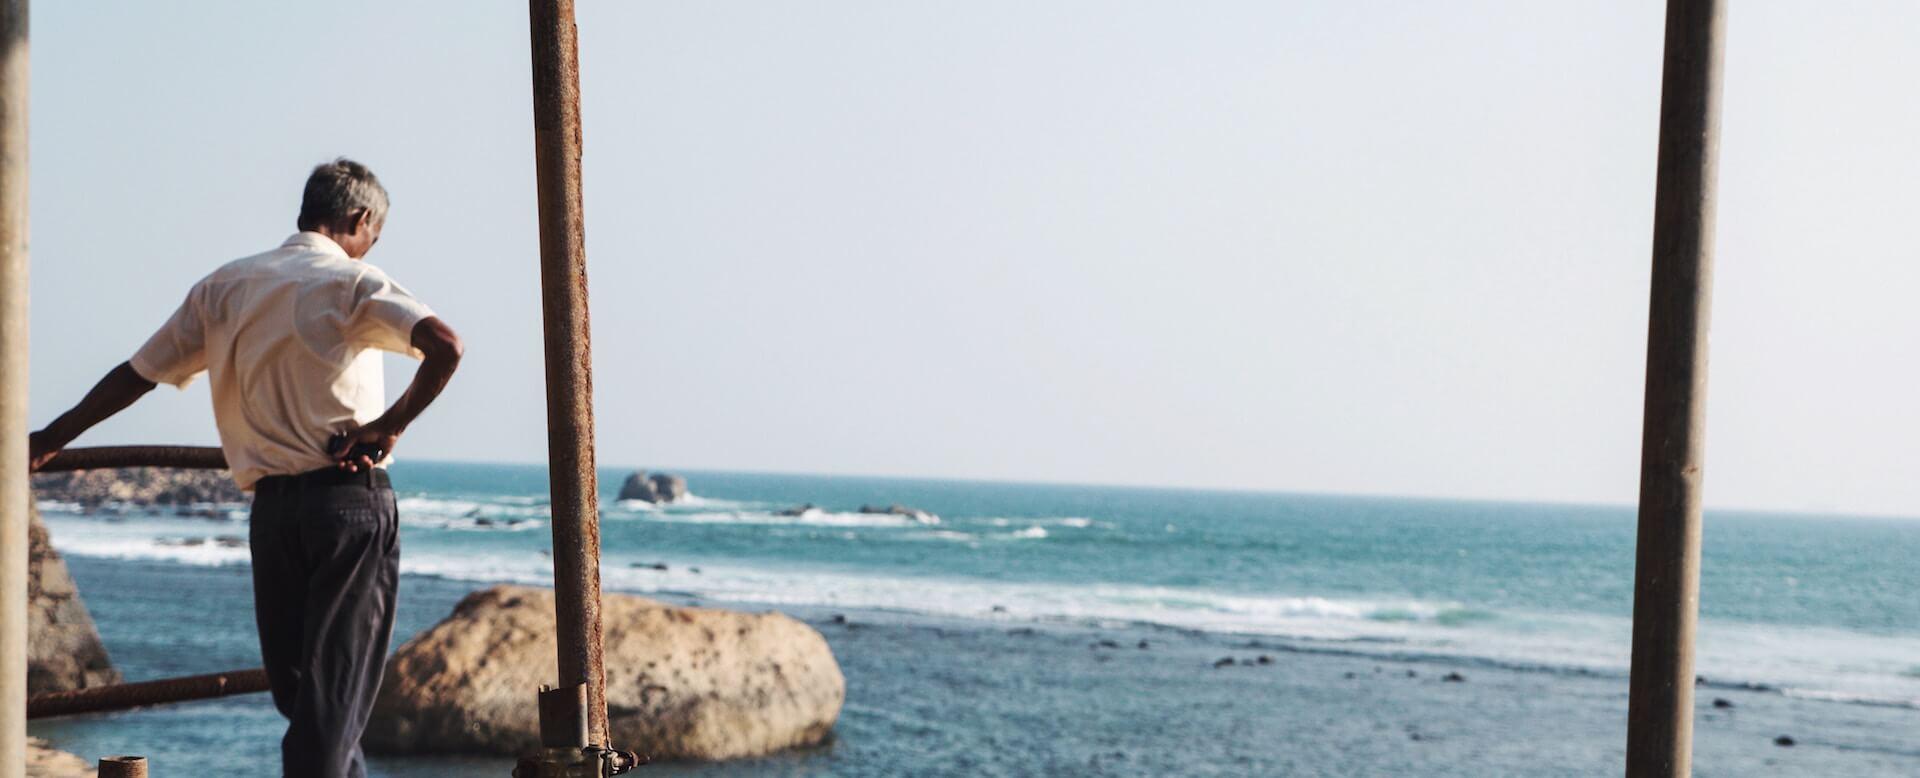 Météo et climat au Sri Lanka - Sri Lanka